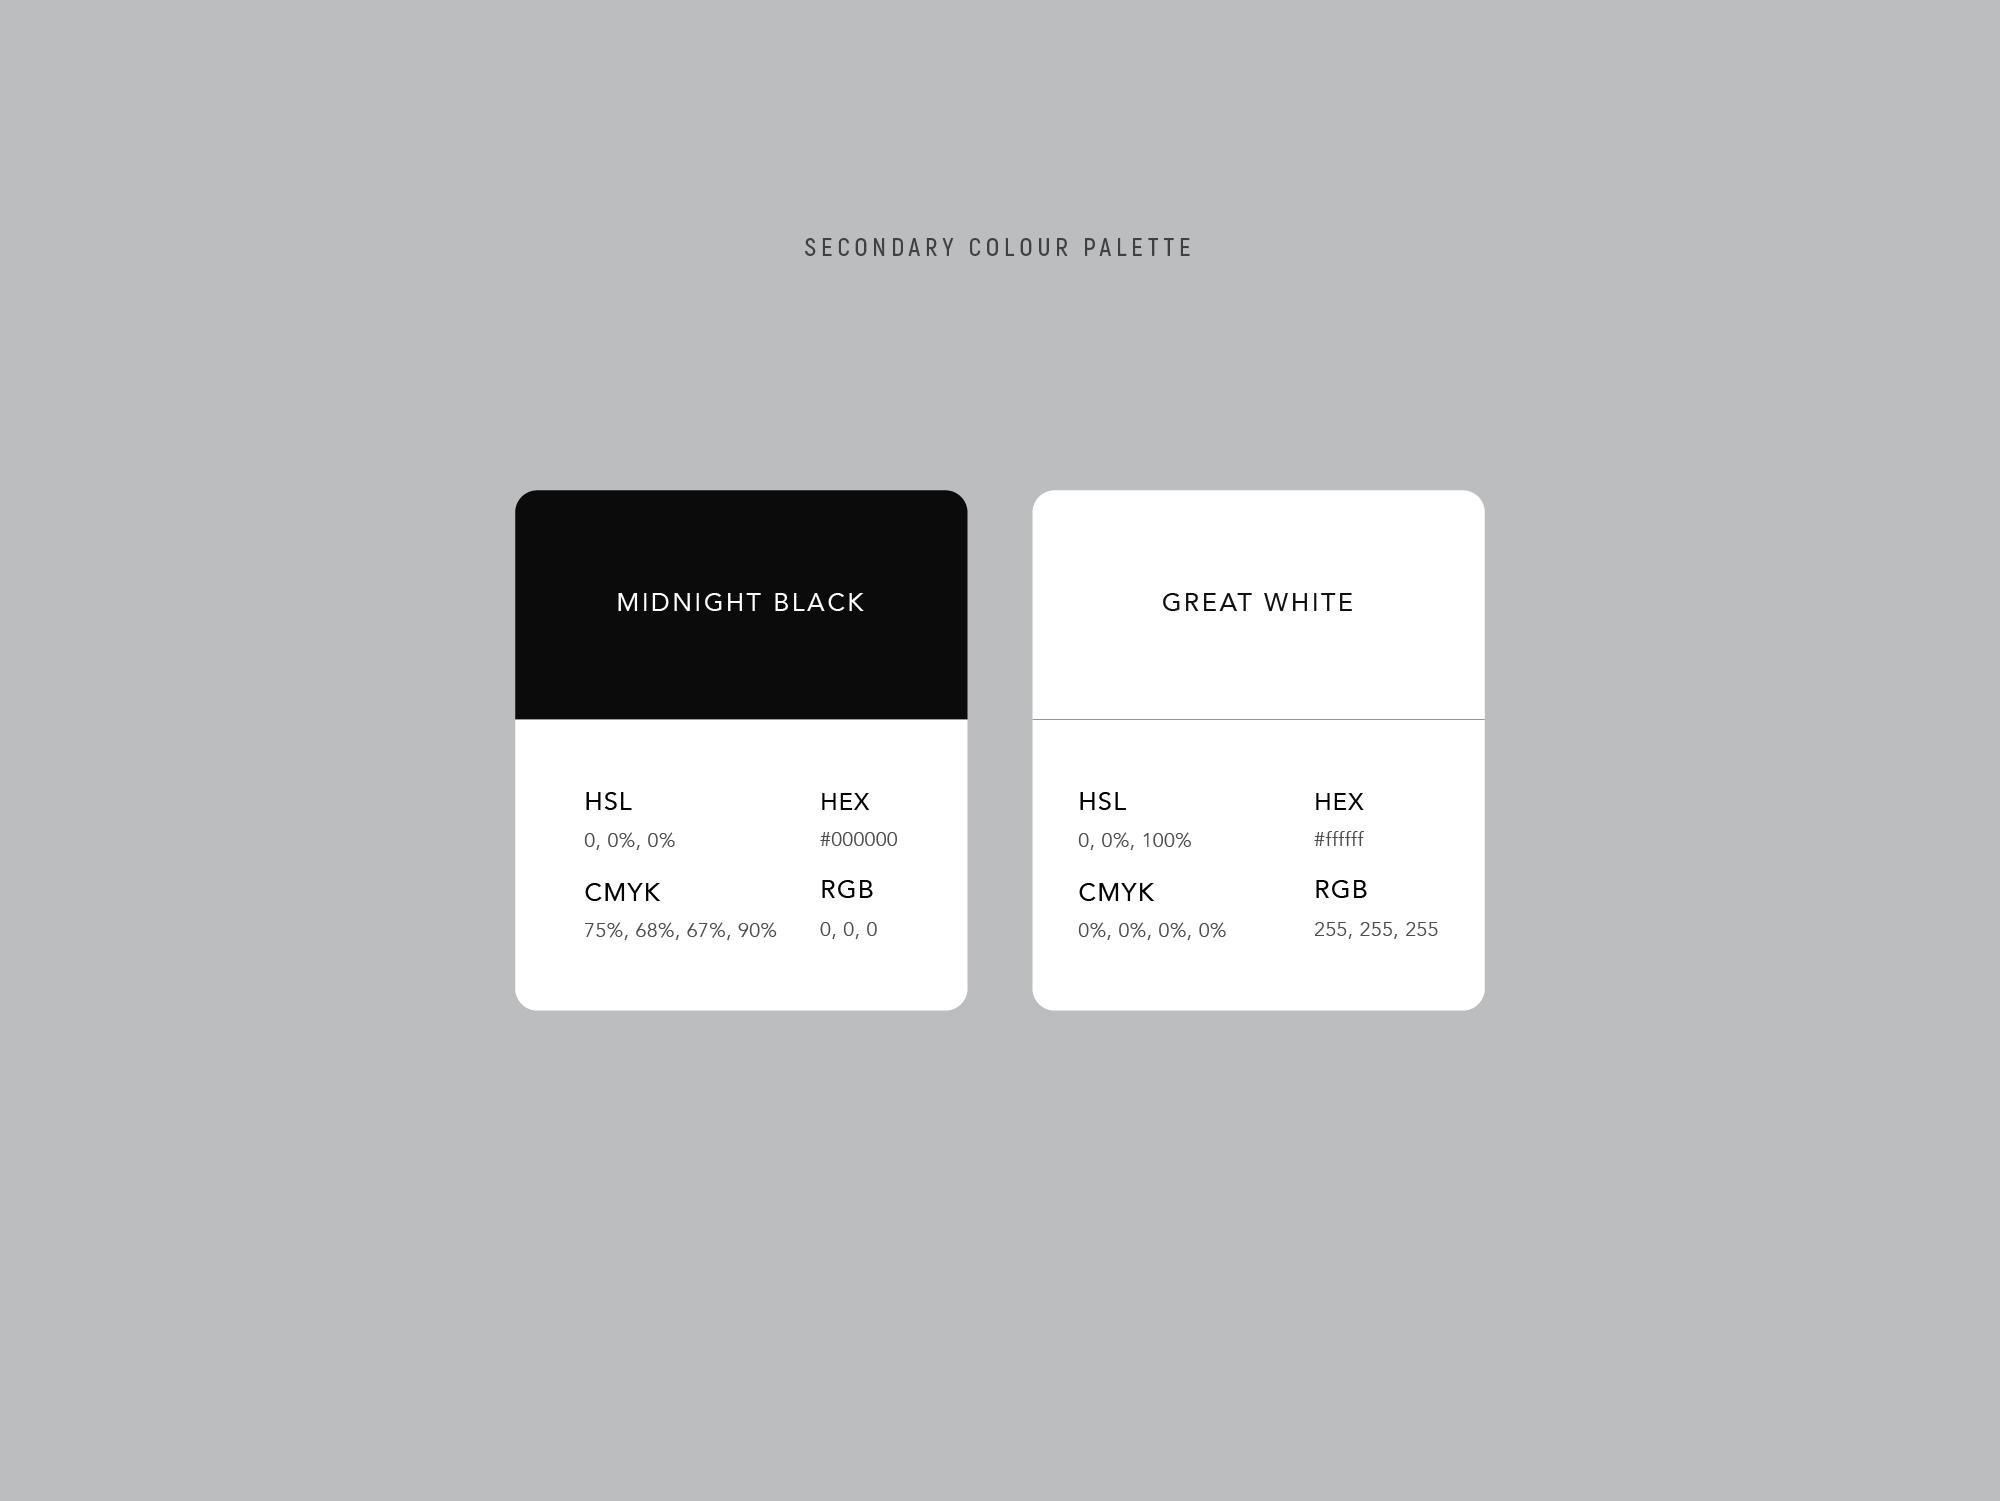 secondary_colour_palette.png